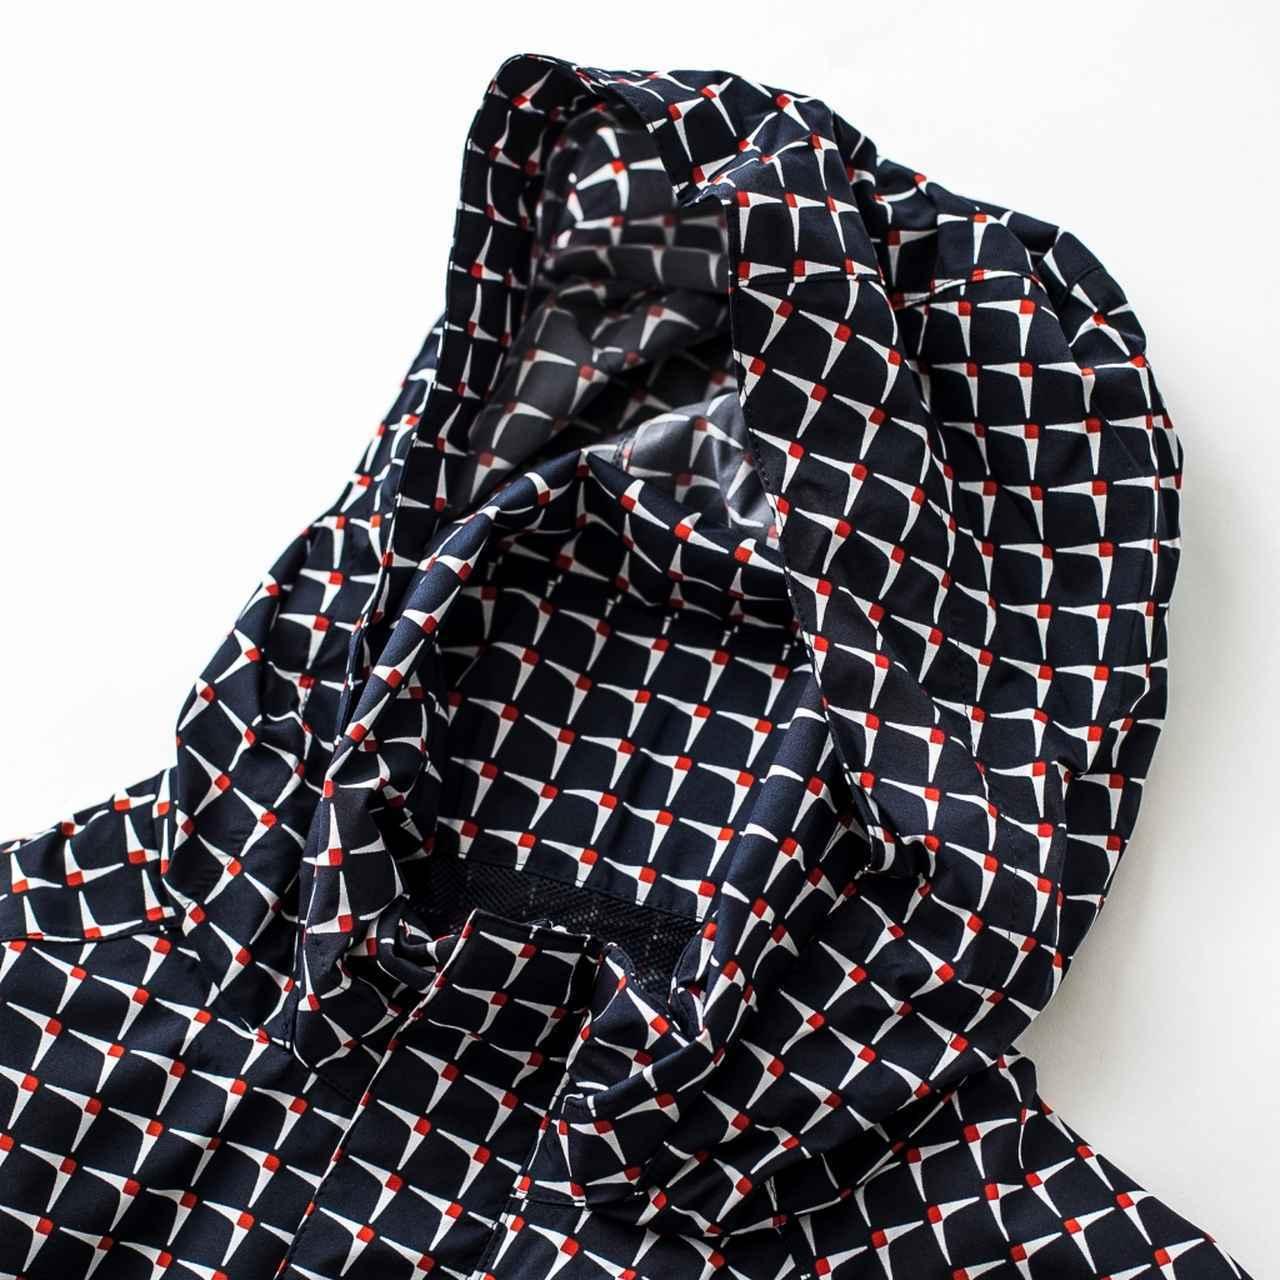 画像: 大雨のときにフードは必需品。折りたたんで首の後ろに収納